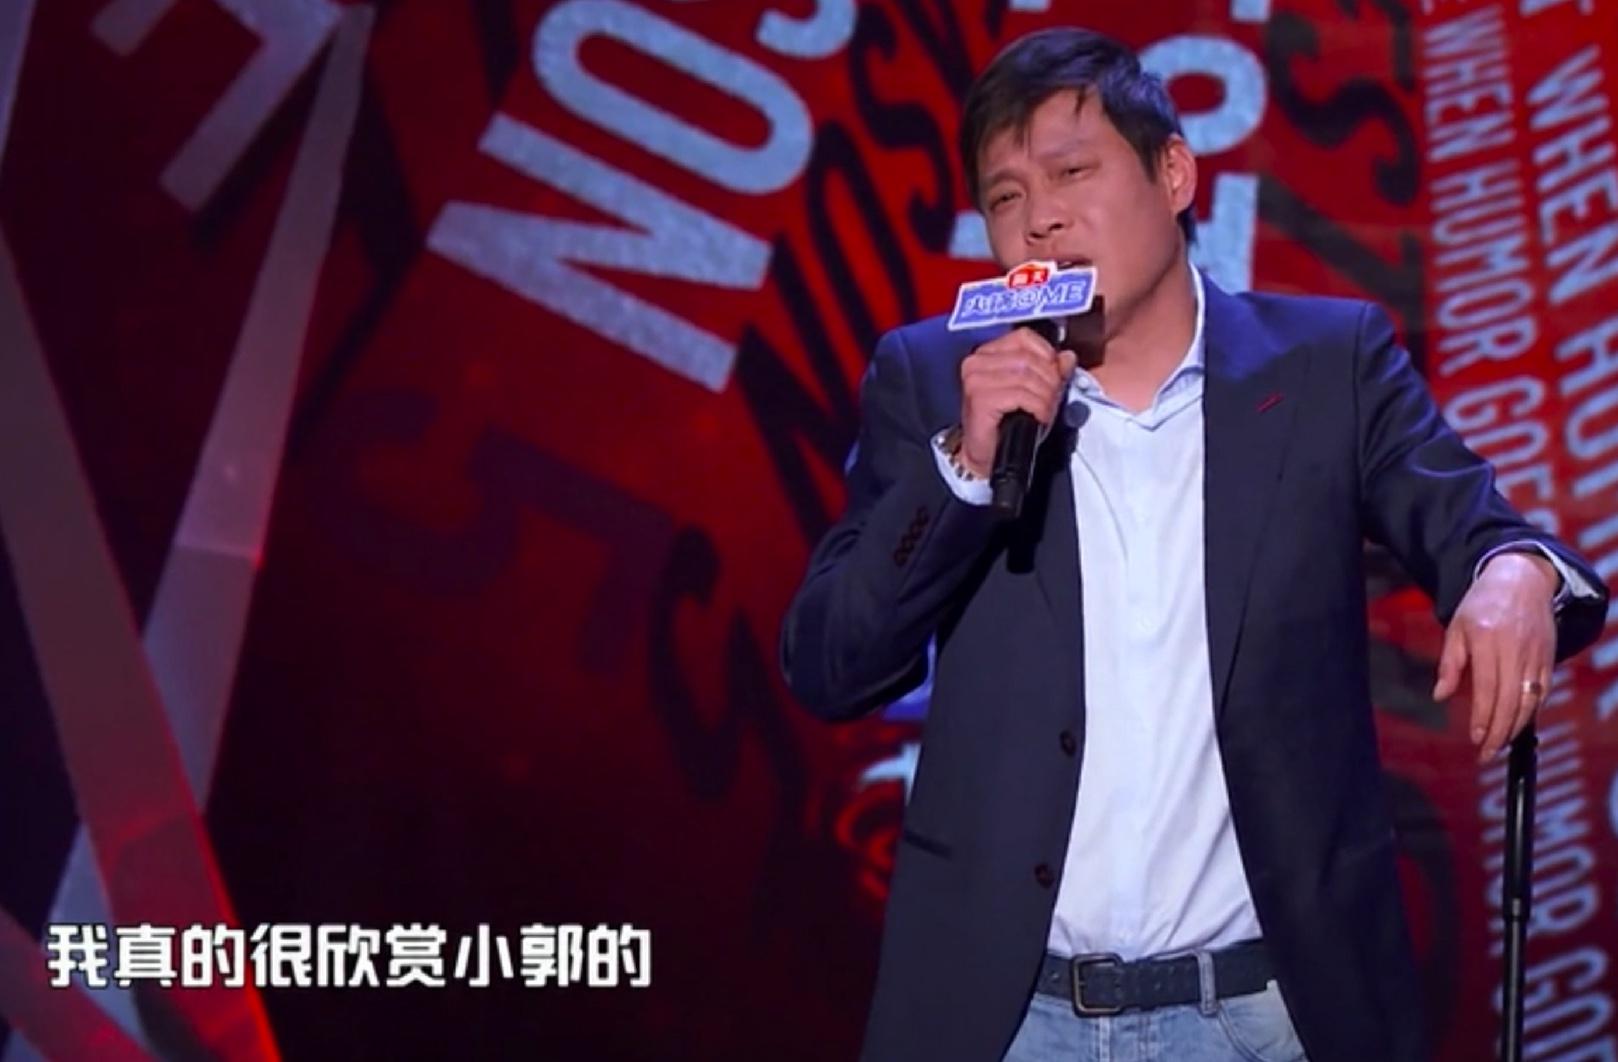 """郭艾伦和周琦登热搜48小时,遭官媒""""批评""""后,范志毅最新回应"""